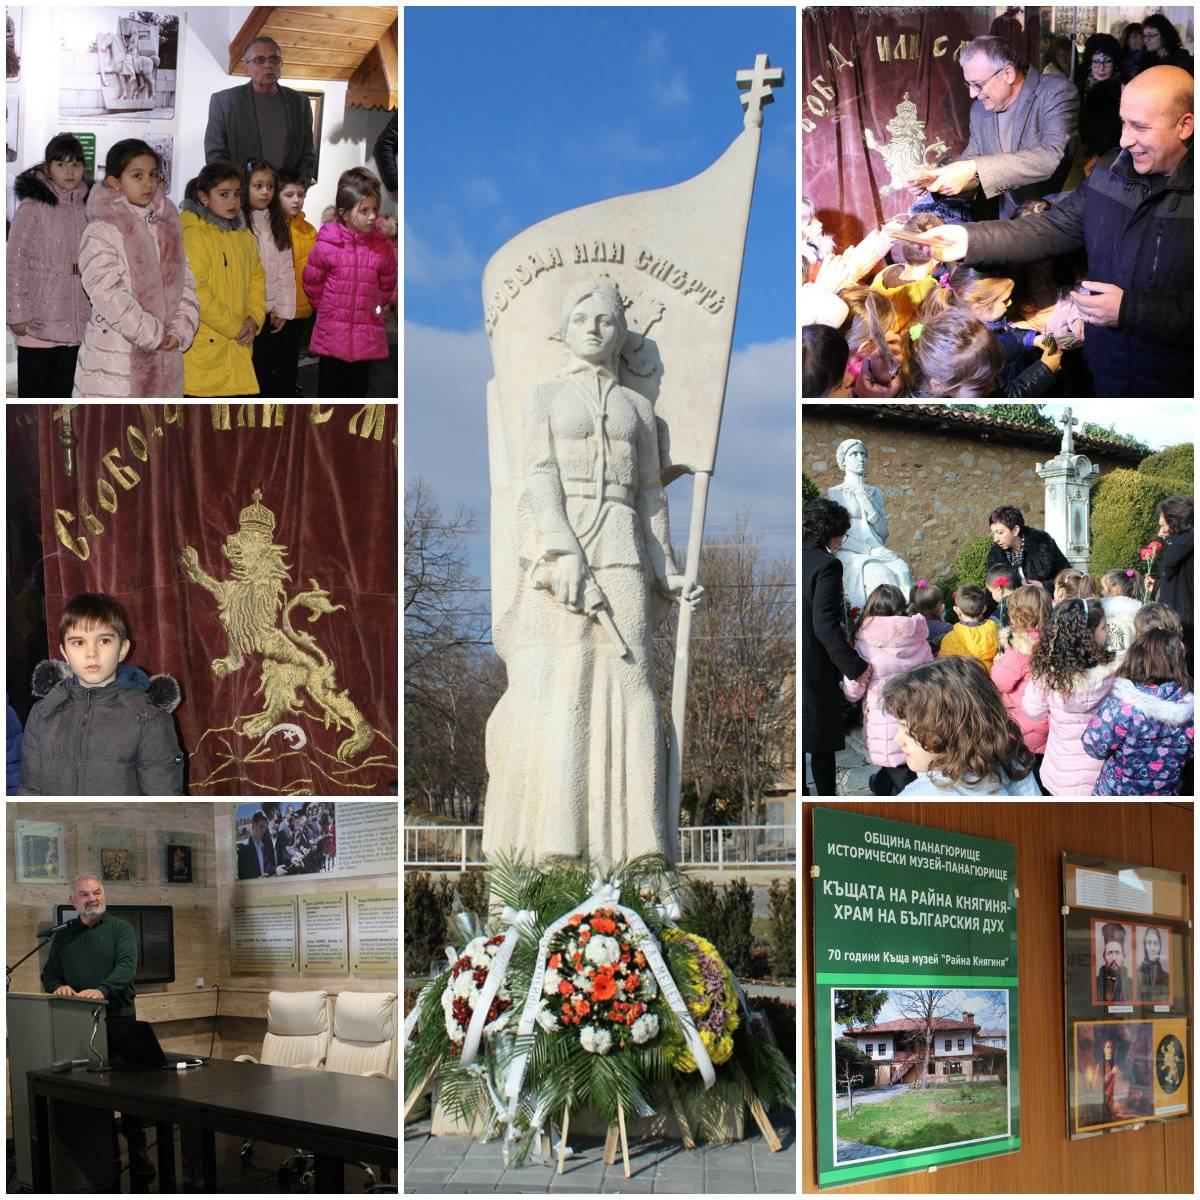 """Панагюрище отбеляза 164 години от рождението на Райна Княгиня и 70 години къща музей """"Райна Княгиня"""""""